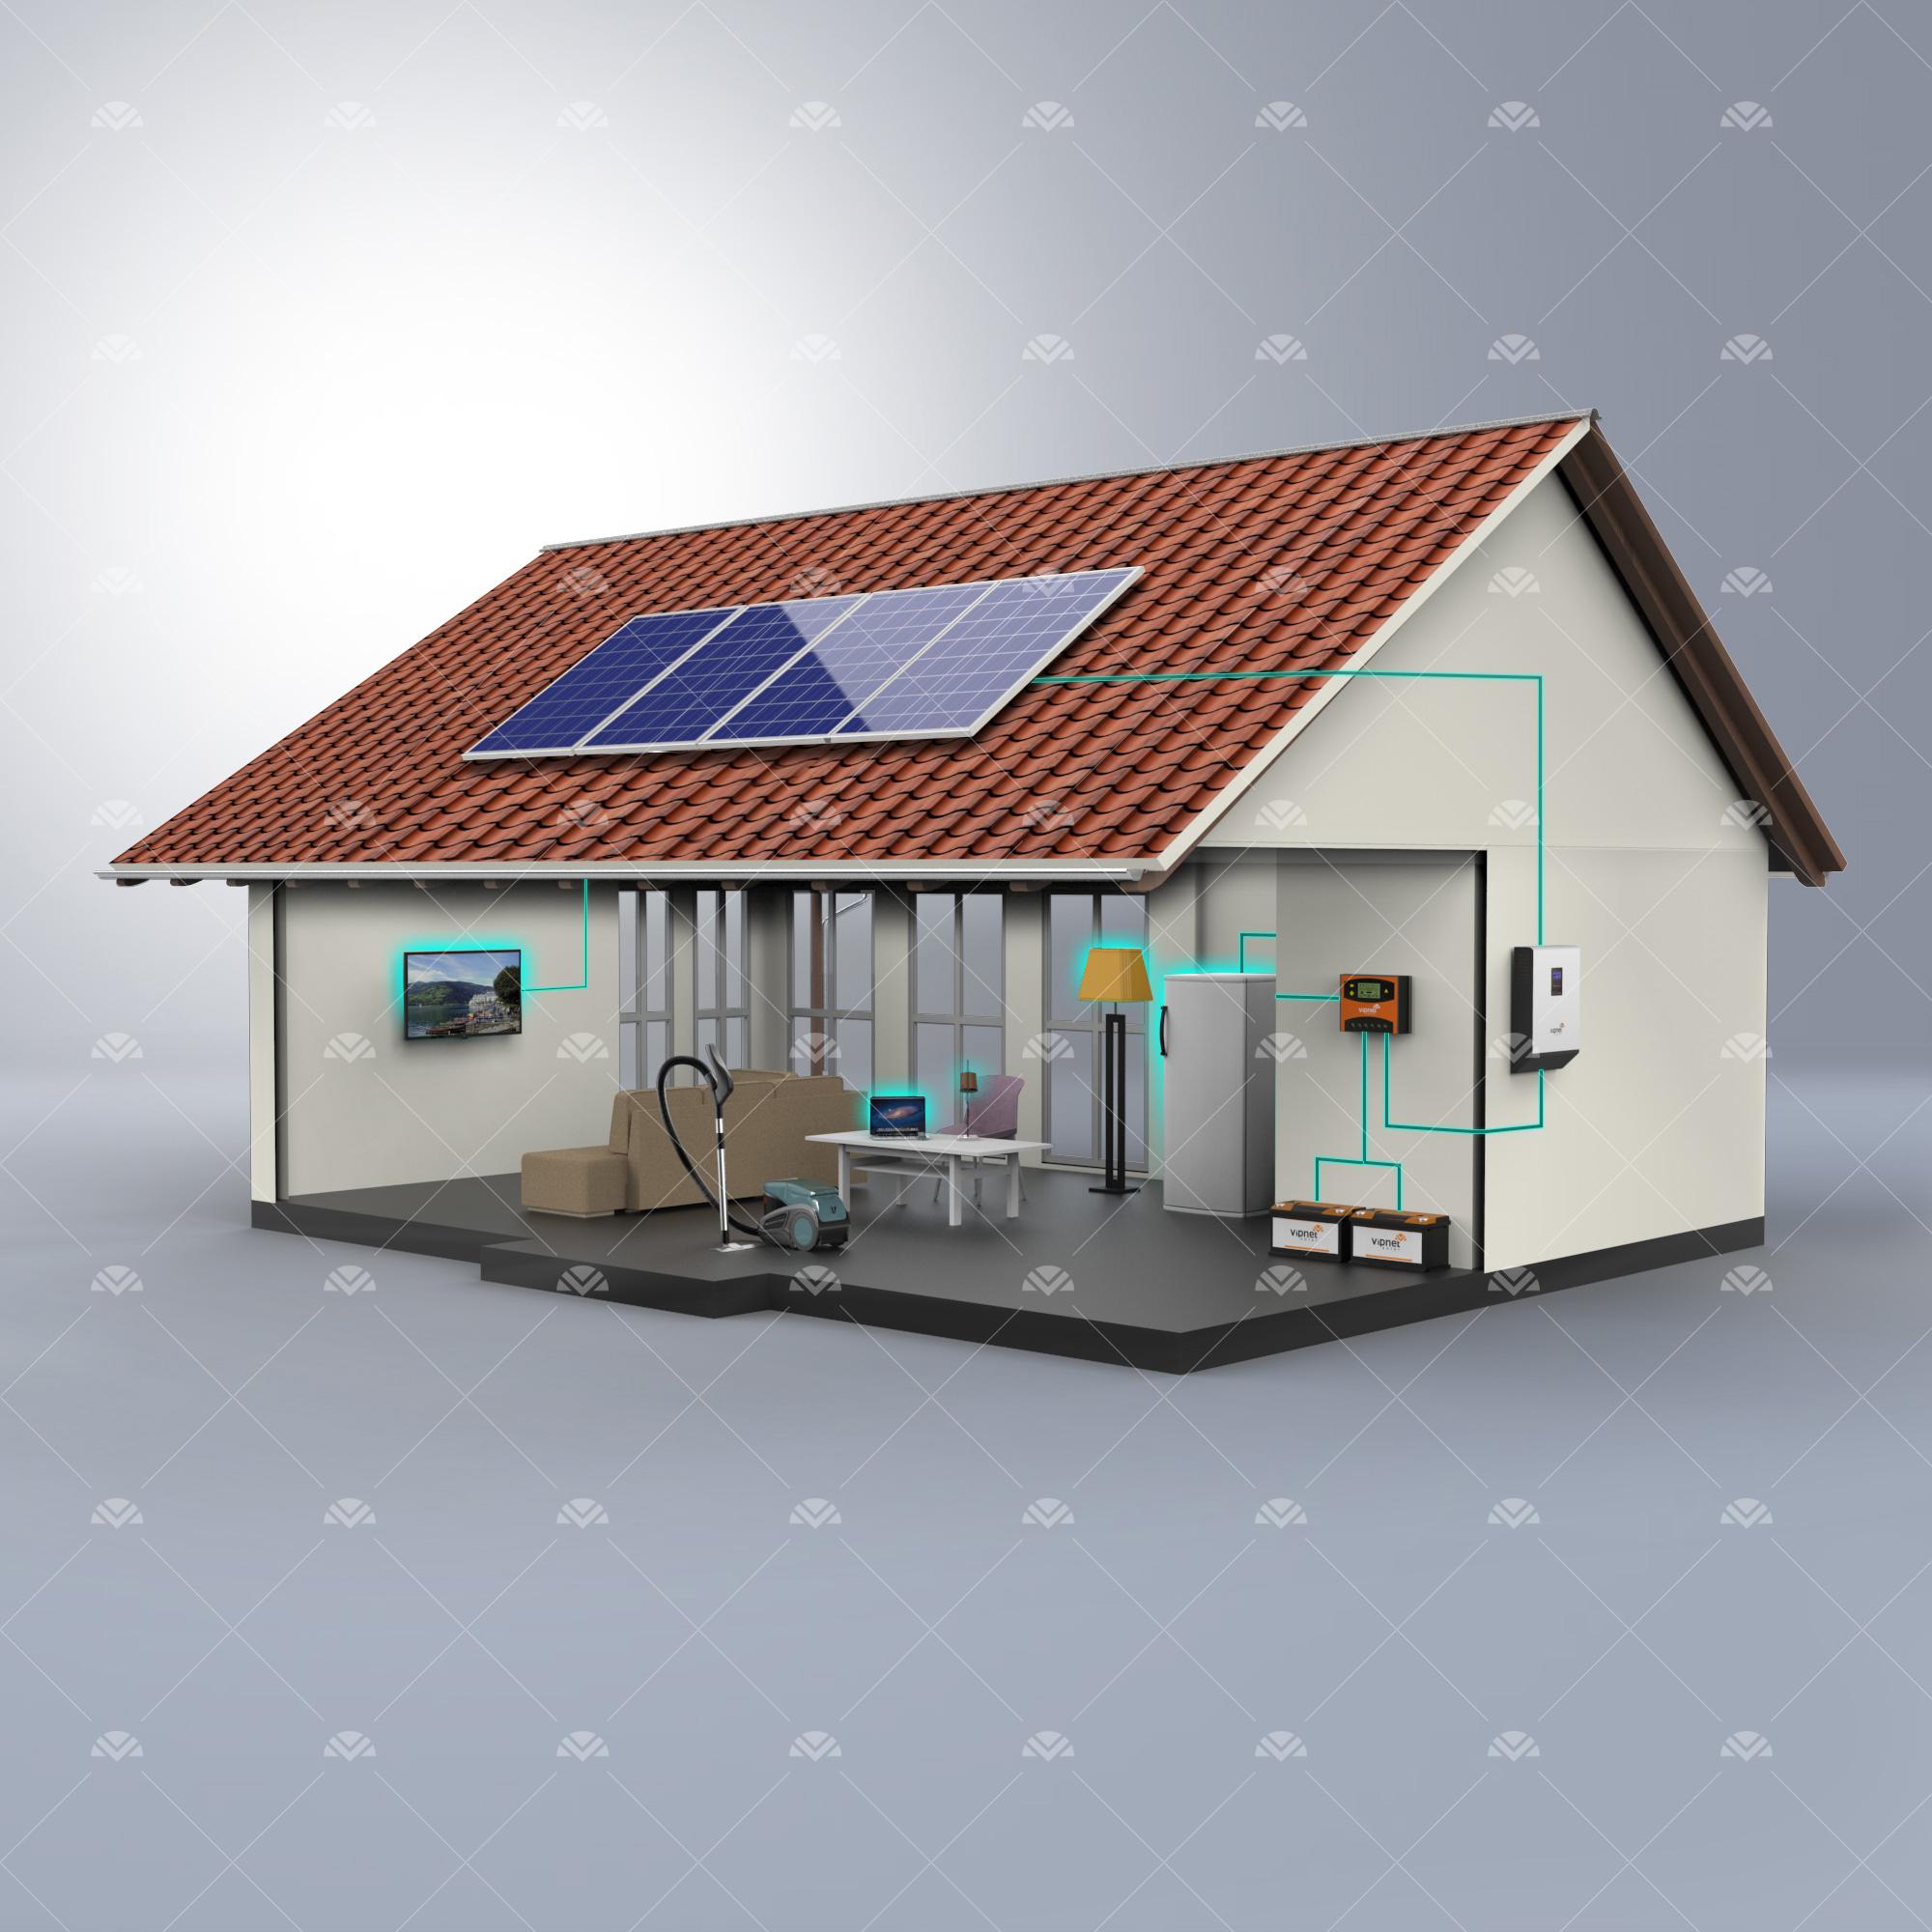 Solar Paket 2-lamba, tv, orta boy buzdolabı, şarj cihazı, süpürge